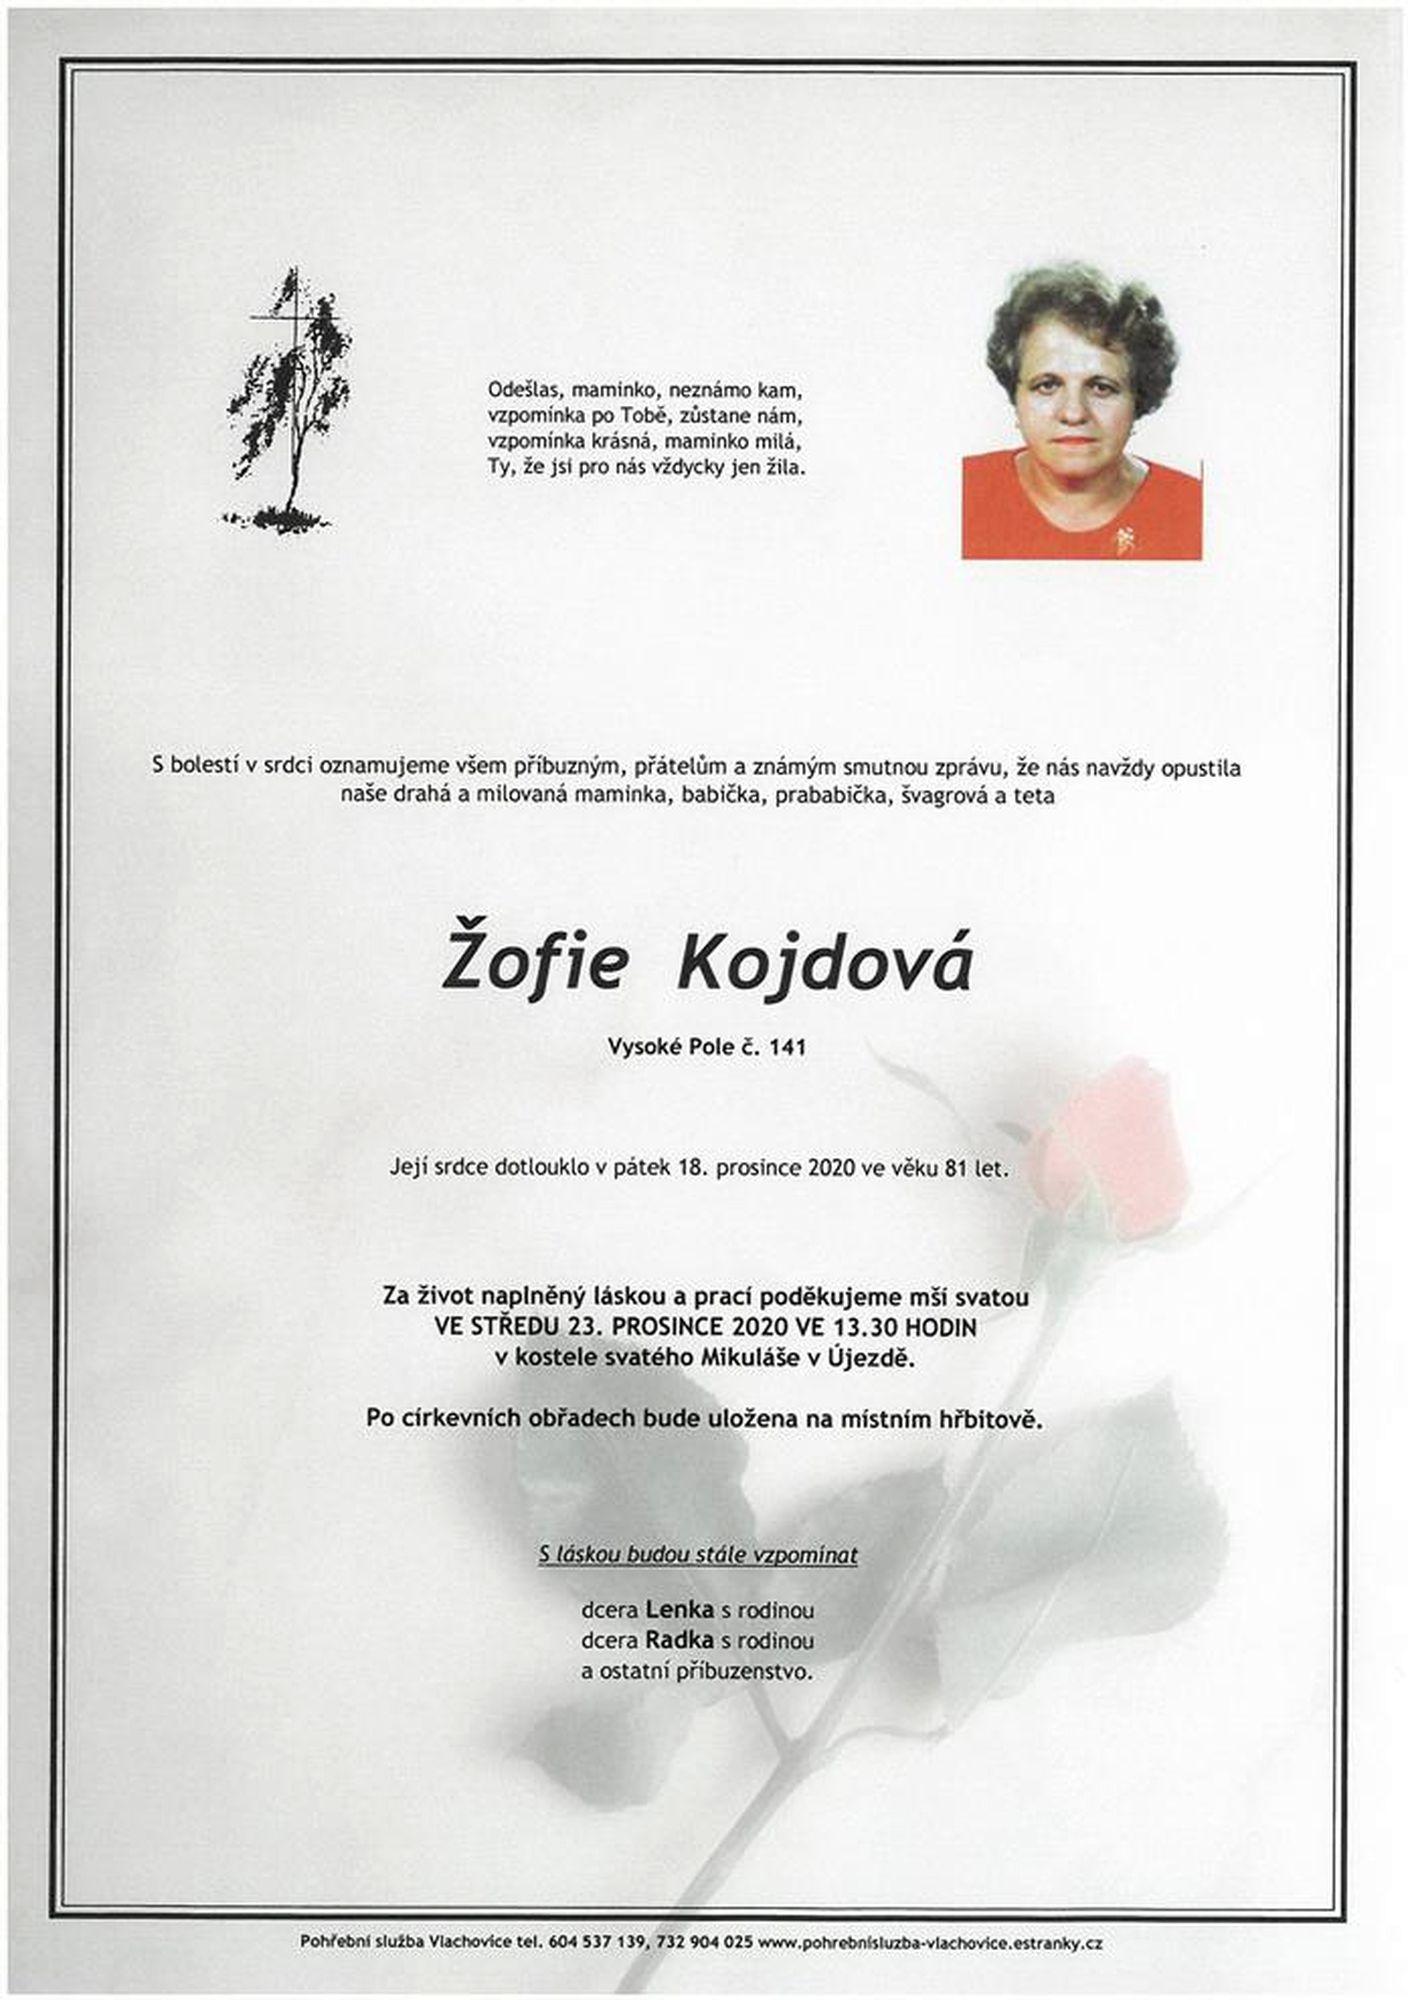 Žofie Kojdová